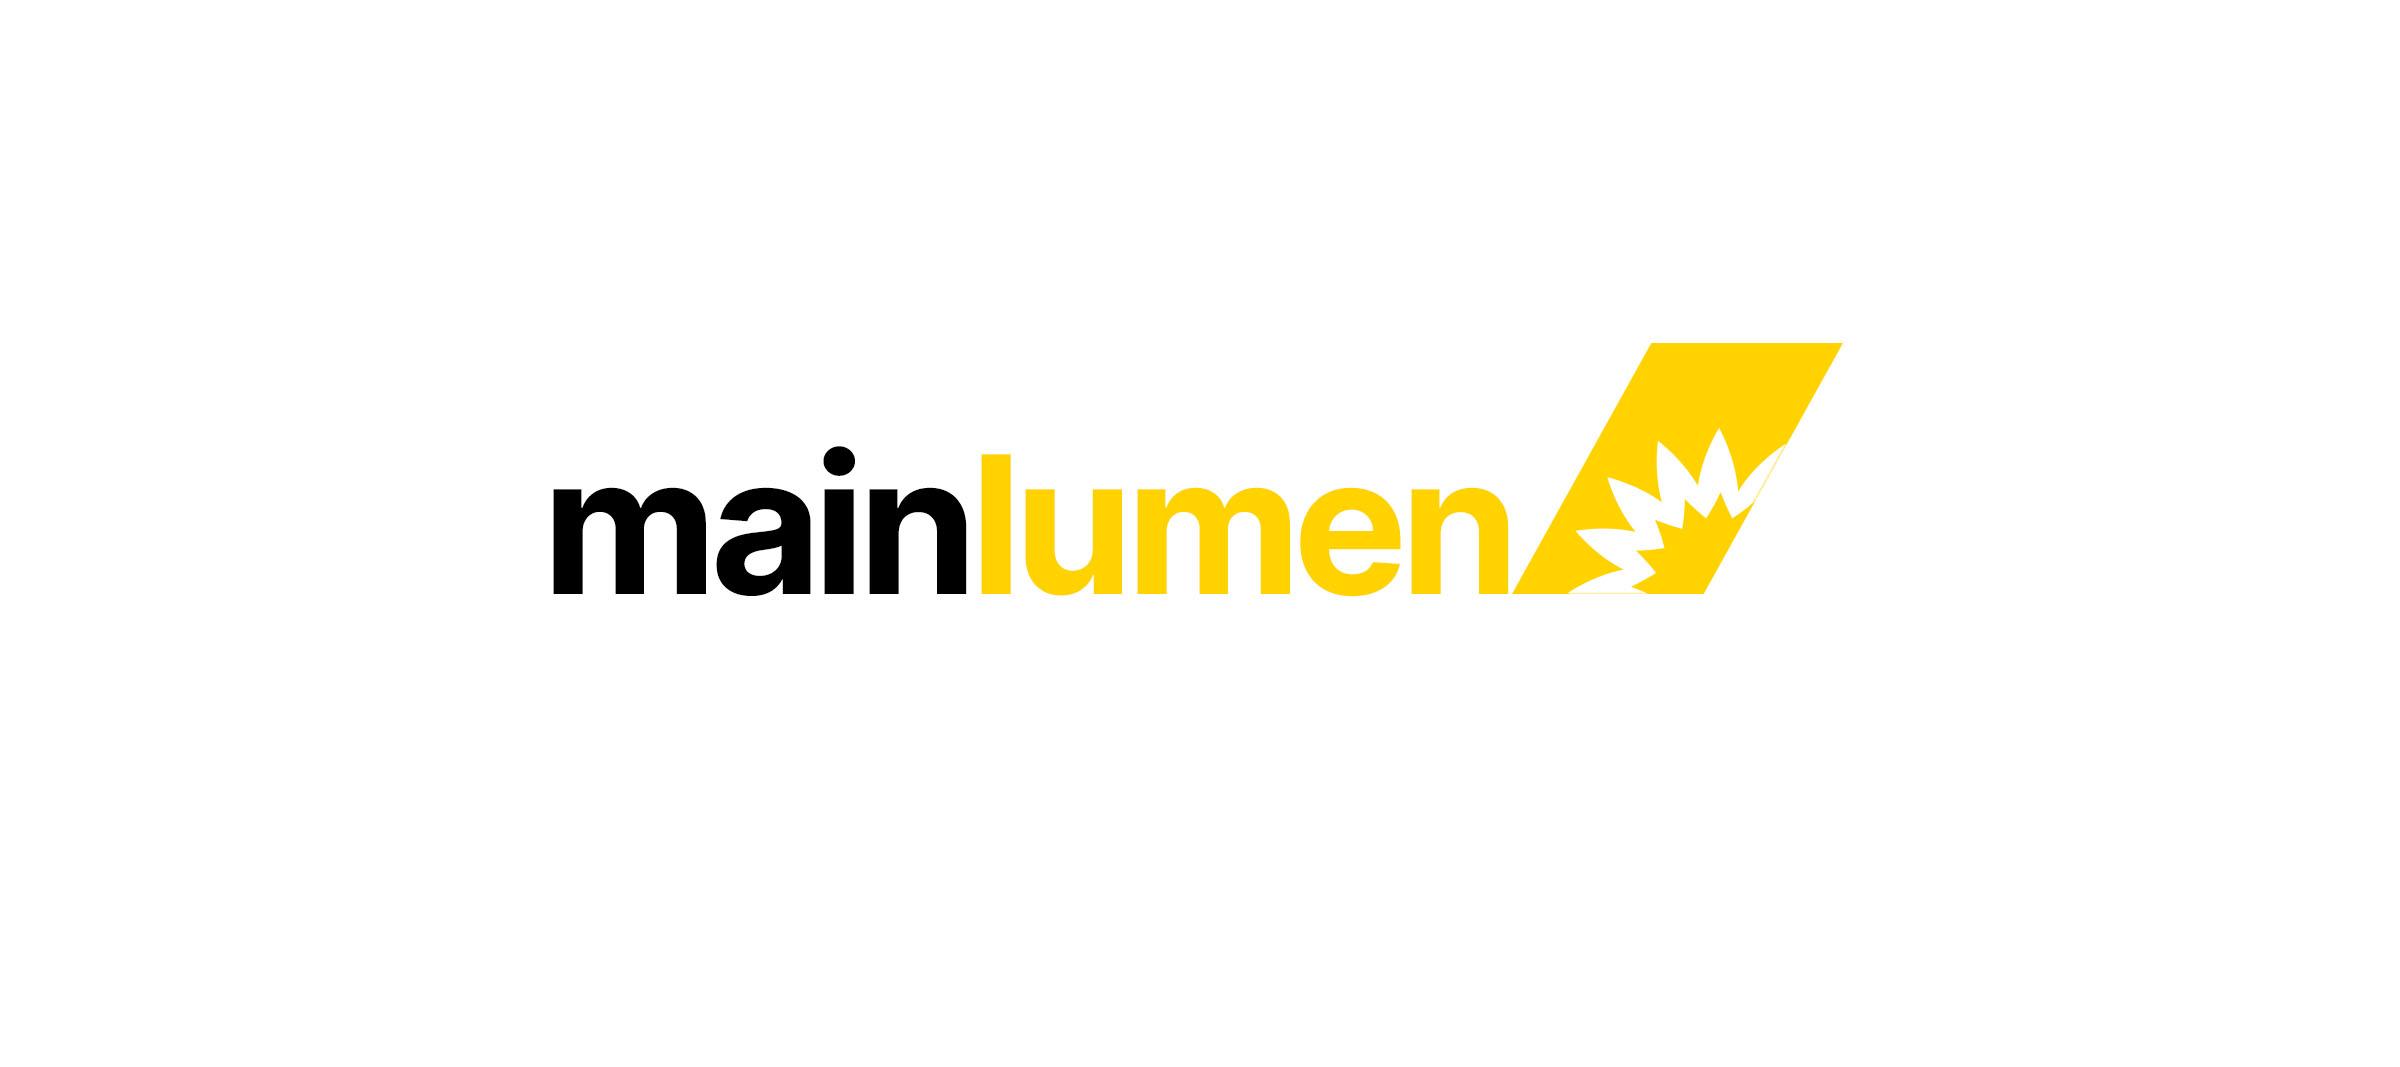 Beispiel eines Logos. Mainlumen ist ein fiktives Unternehmen.